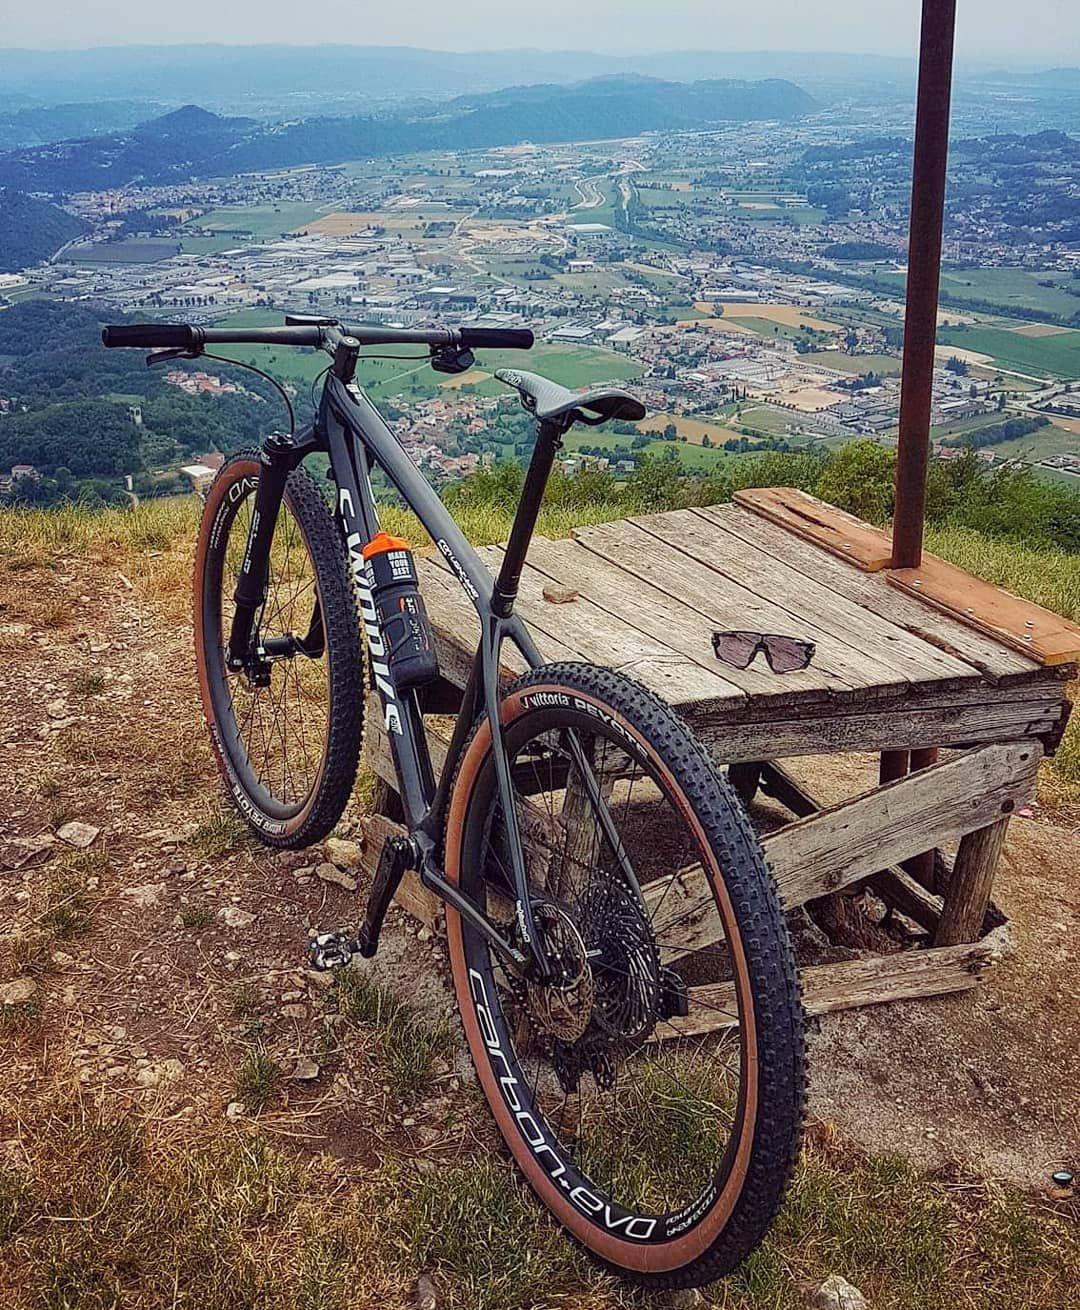 A Imagem Pode Conter Bicicleta Montanha Atividades Ao Ar Livre E Natureza Ciclismo De Montanha Bicicleta Ciclismo